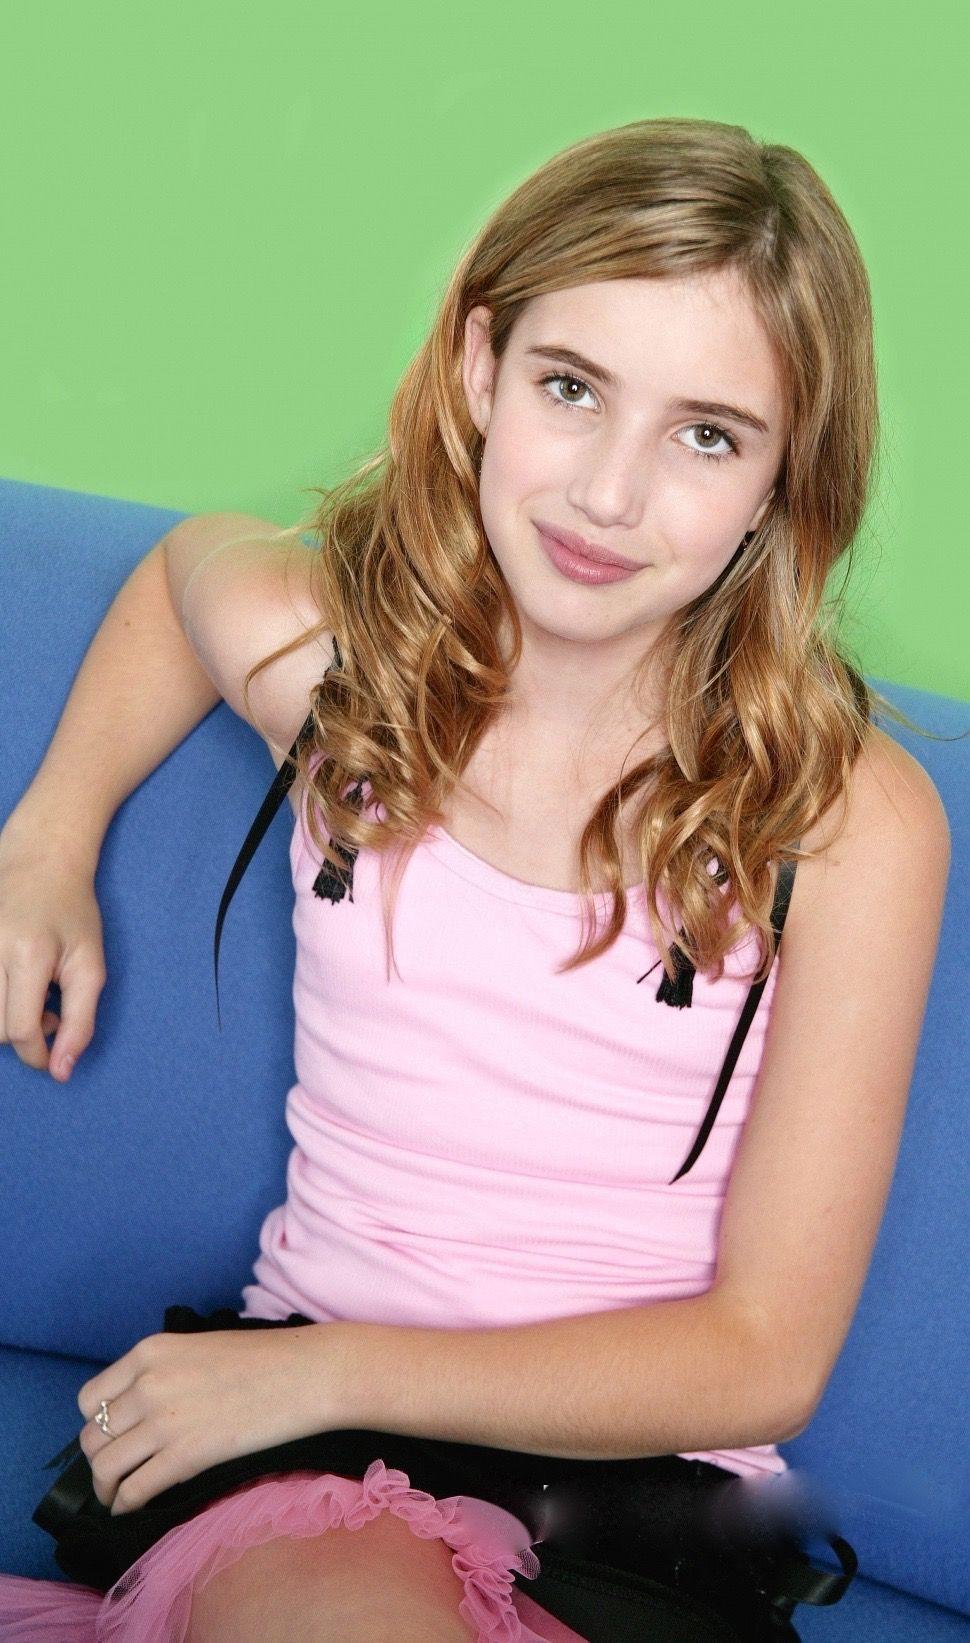 Young Emma Roberts | EMMA ROBERTS ♥ | Pinterest | Emma roberts